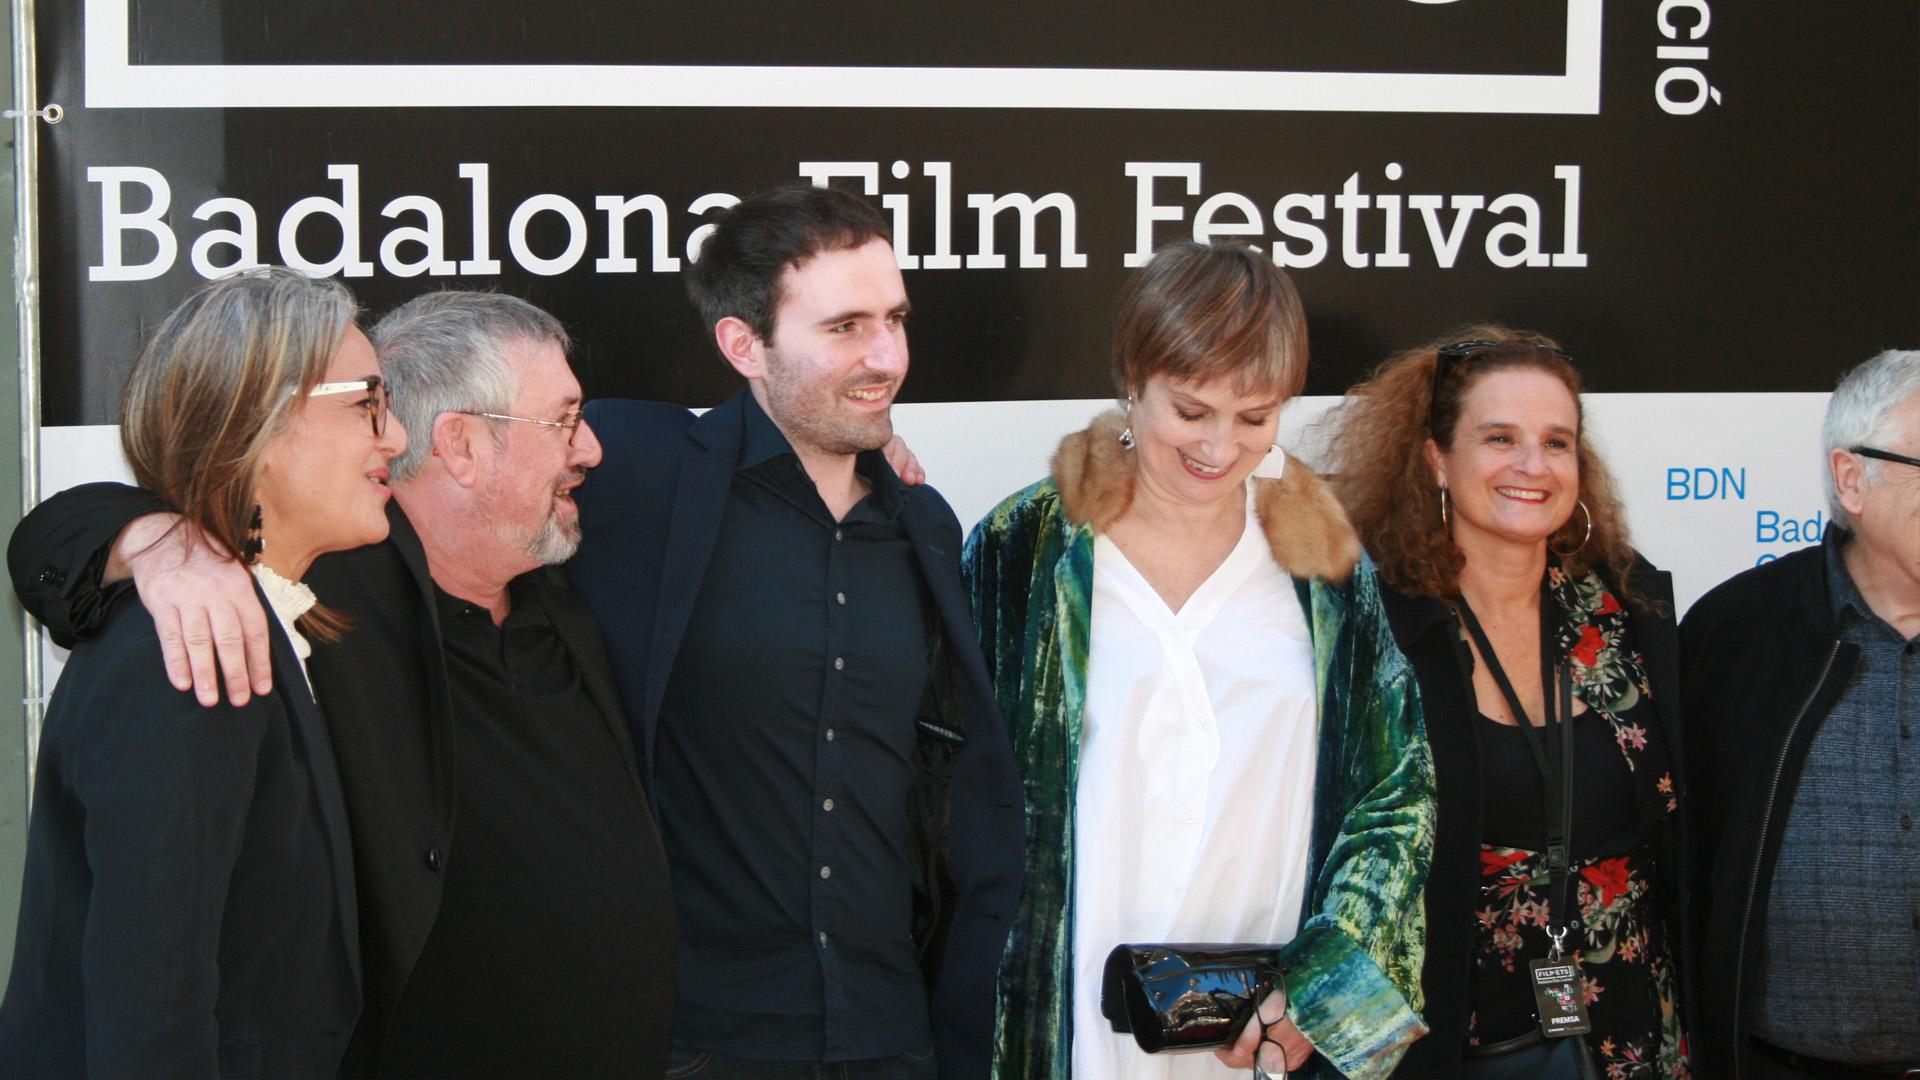 'Donde no puedes llegar' Presentación en la 44ª edición del Festival FILMETS Badalona Film Festival (España).